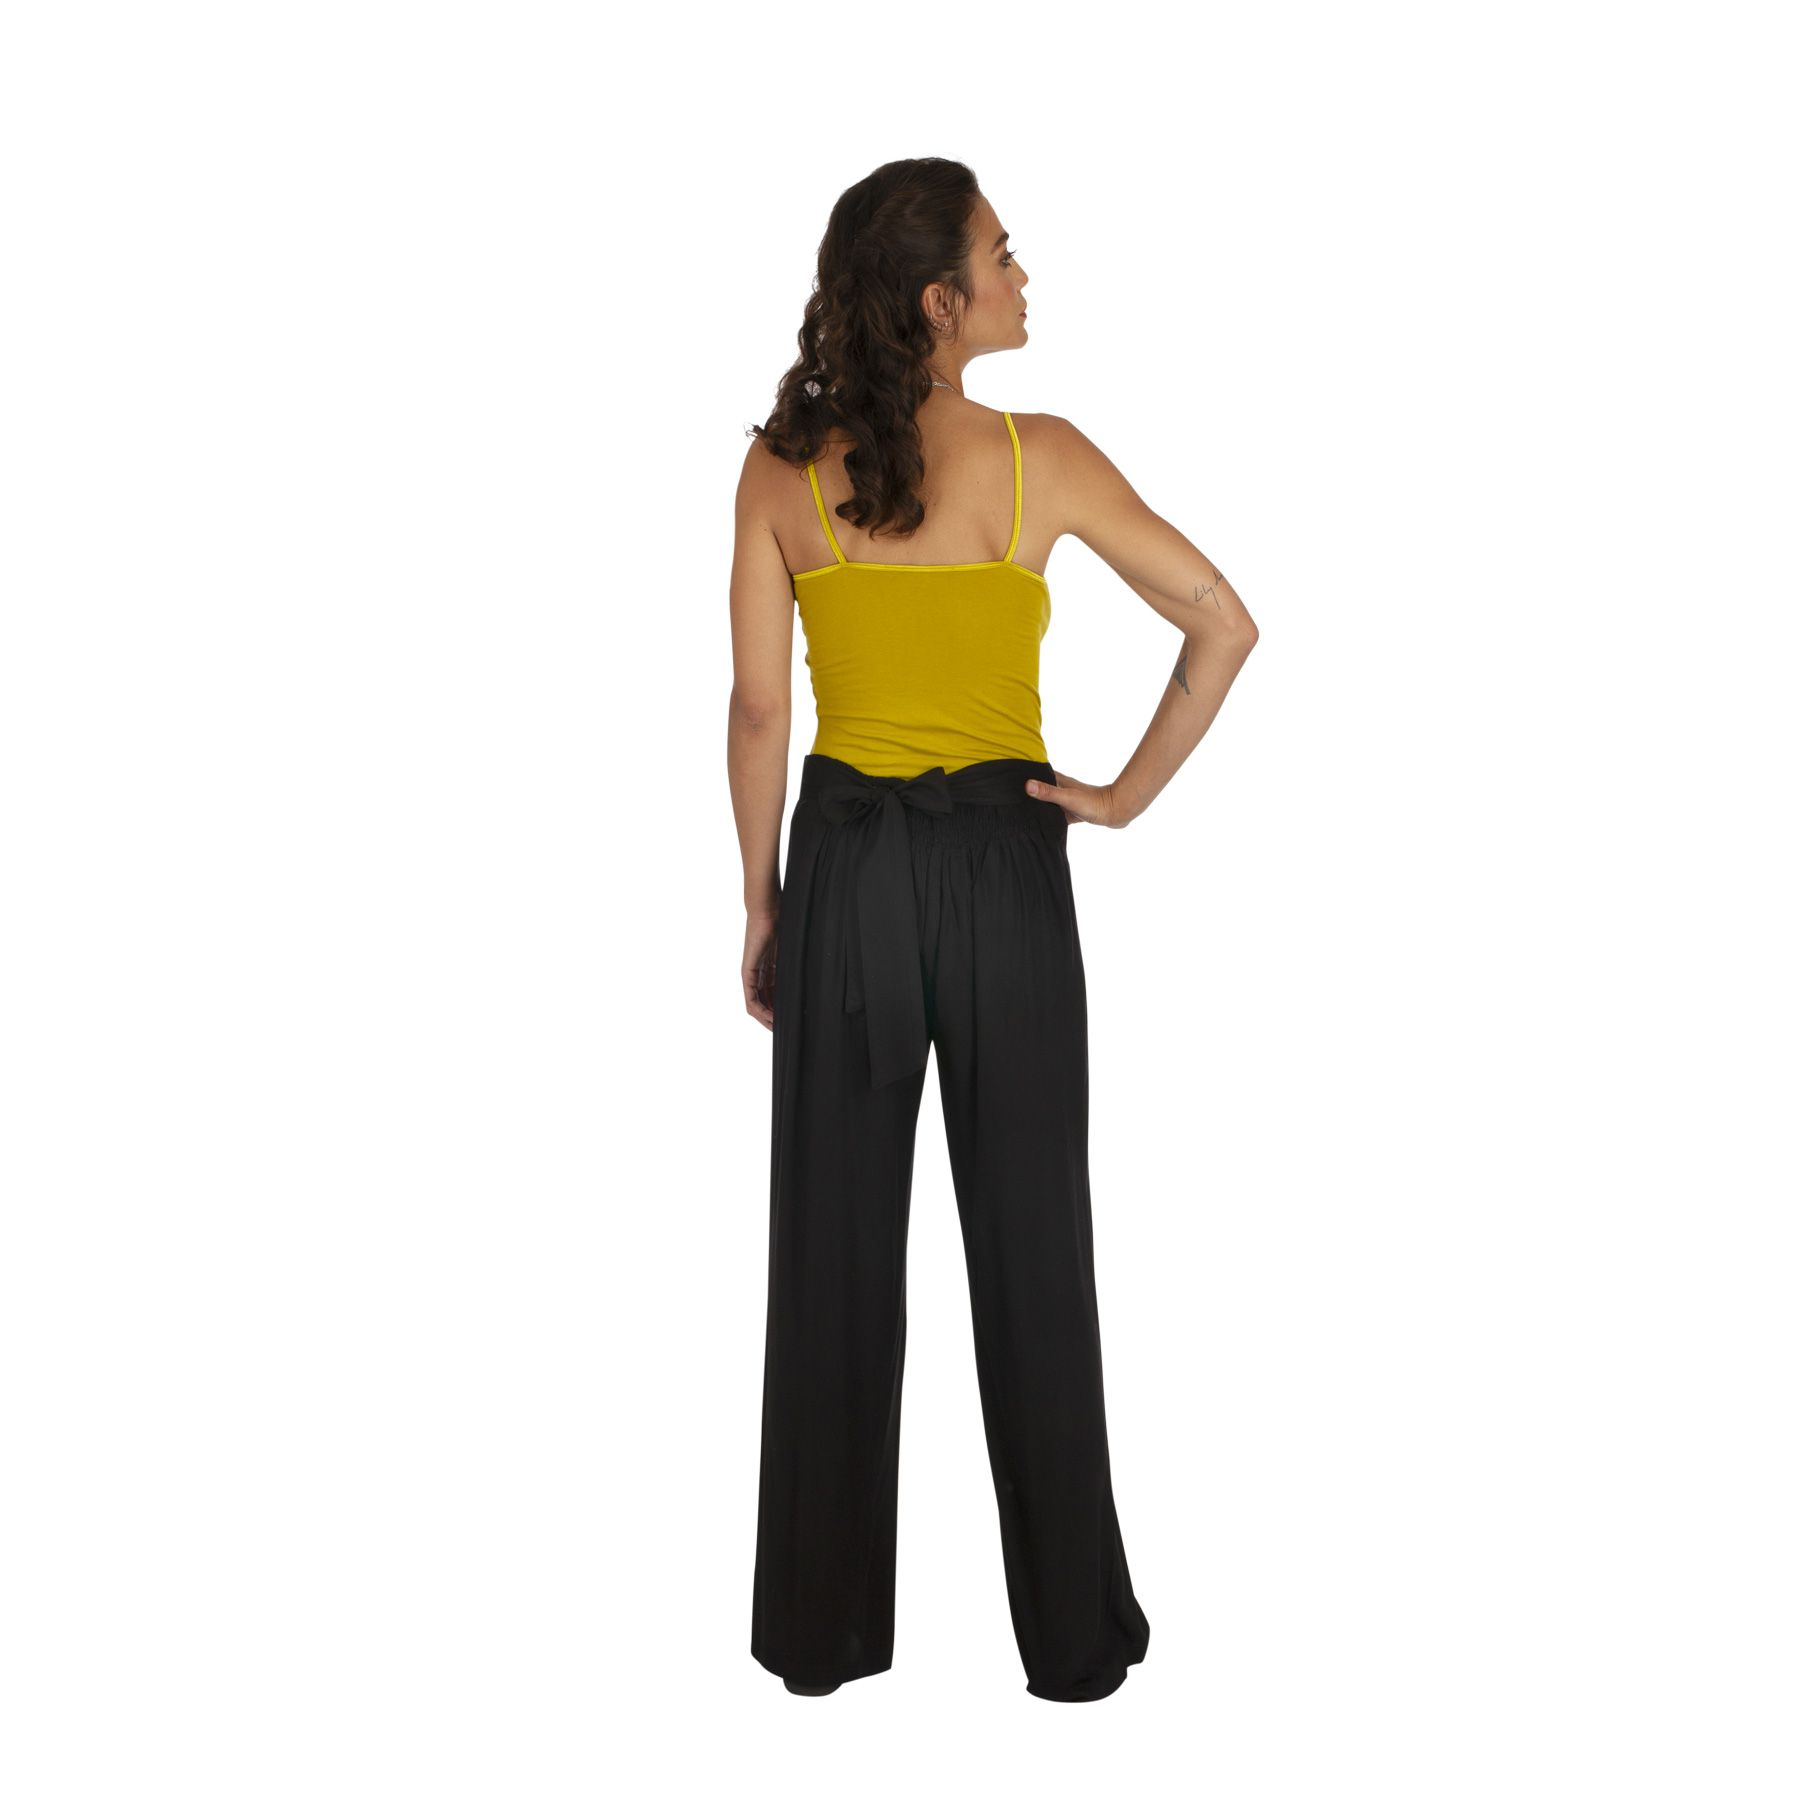 Pantalon droit noir femme chic pas cher taille élastique Friendly 318387